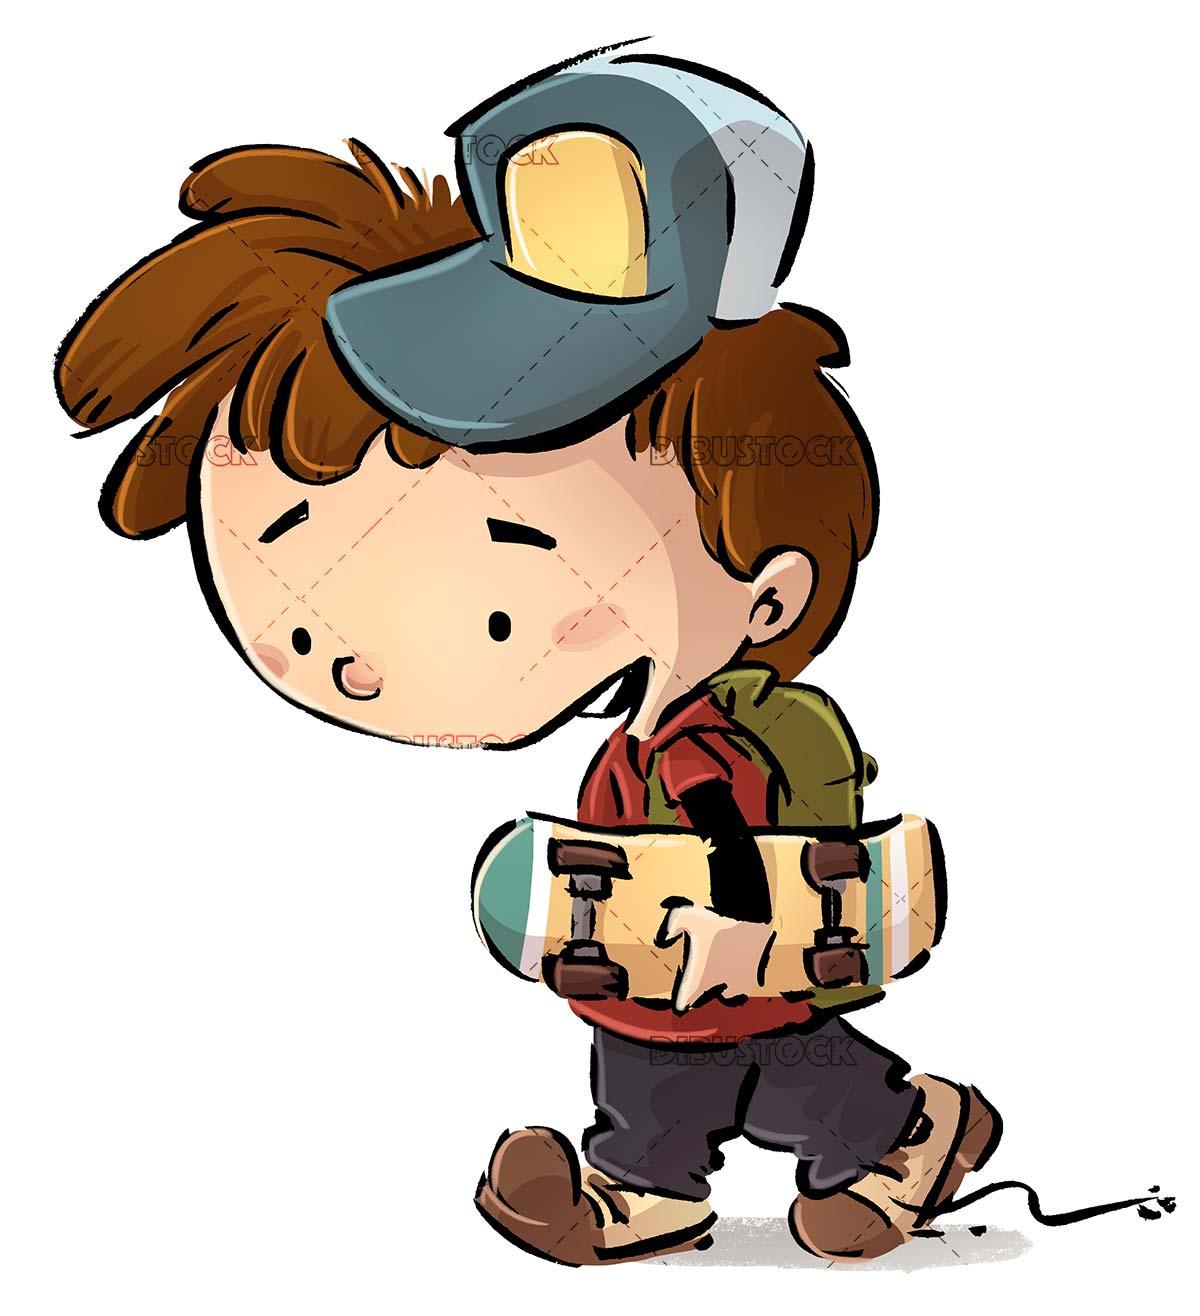 boy walking with skateboard in hands